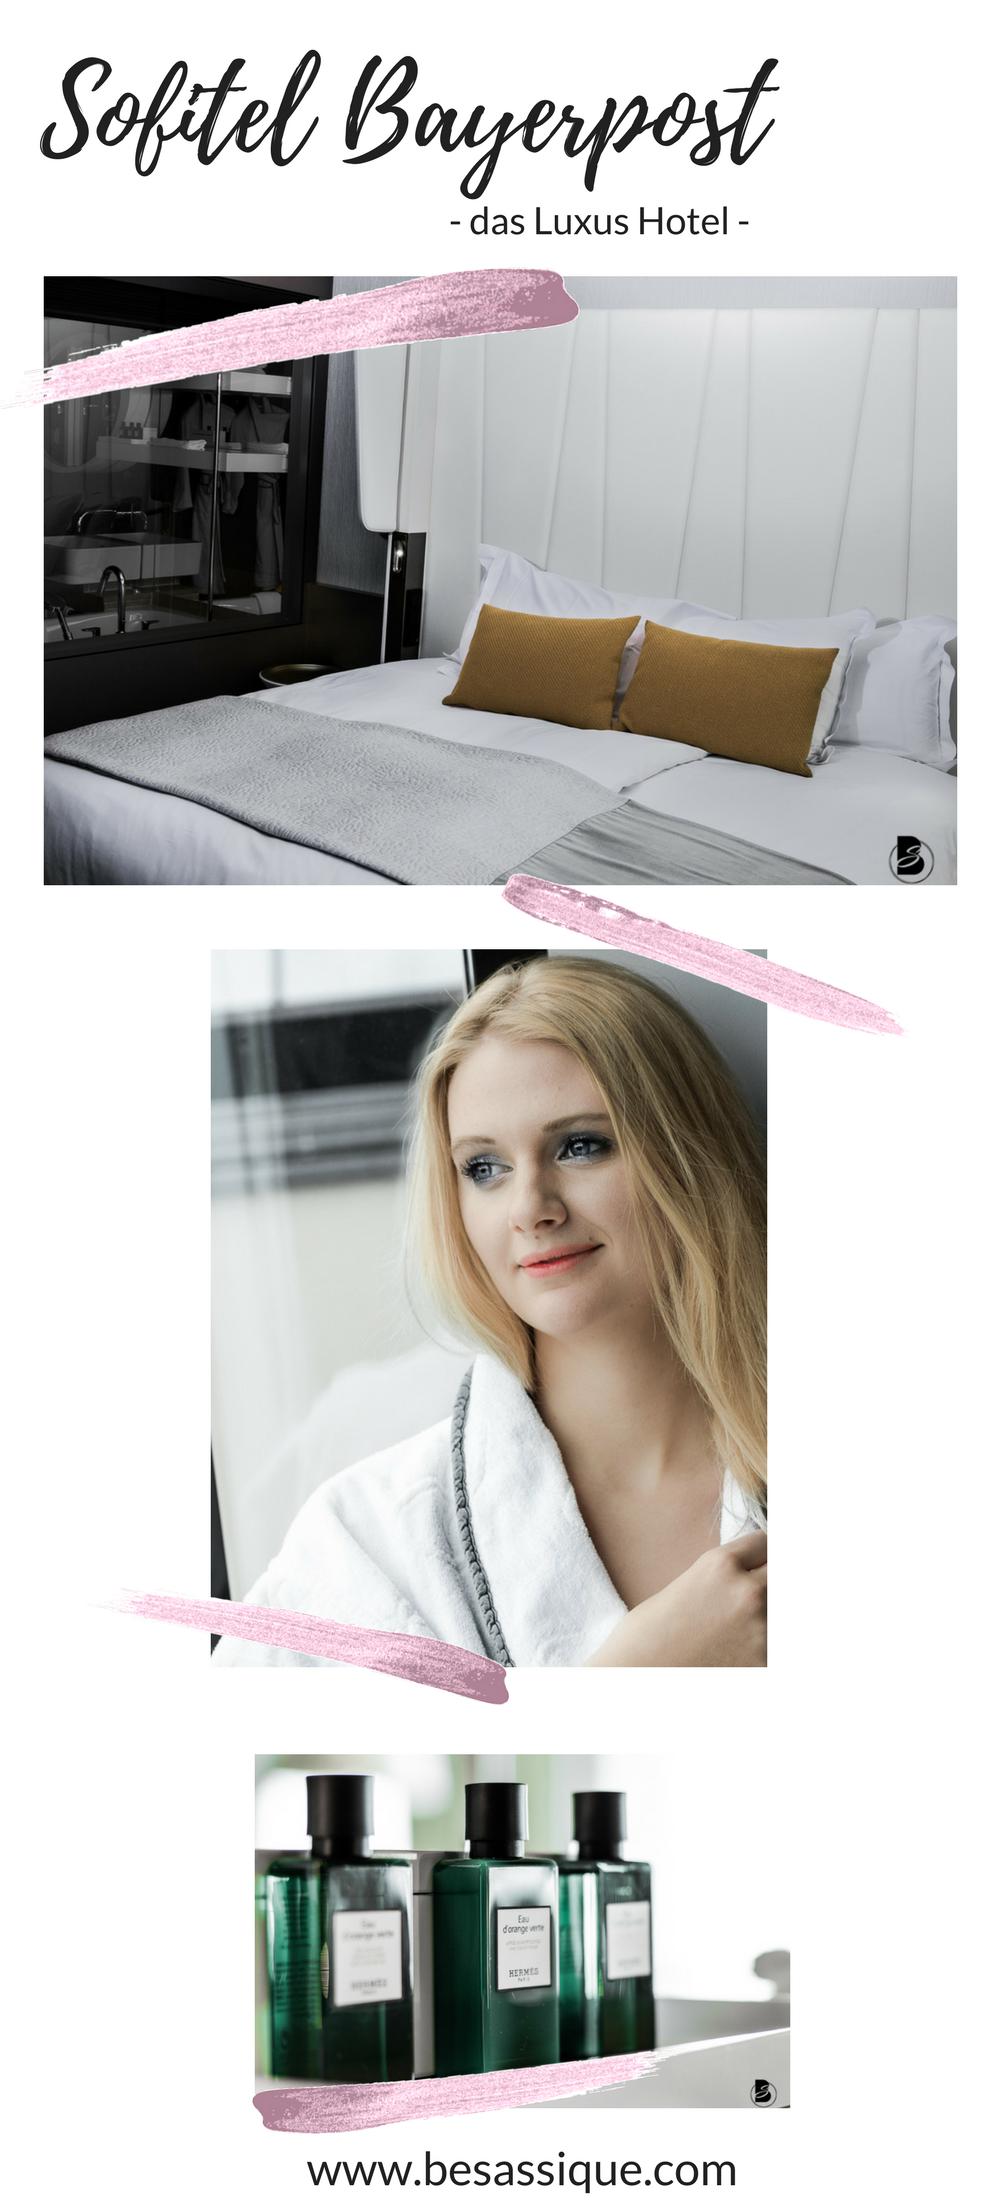 3 Hoteltipps für deinen Aufenthalt München.Die Auswahl an Hotels in München ist nahezu unbegrenzt– jeder Stil, jede Lage und jede Preisklasse ist vertreten. Du suchst den puren Luxus? Dann bist du im exklusiven Sofitel Machen Bayerpost, einem Hotel am Hauptbahnhof München, genau richtig.